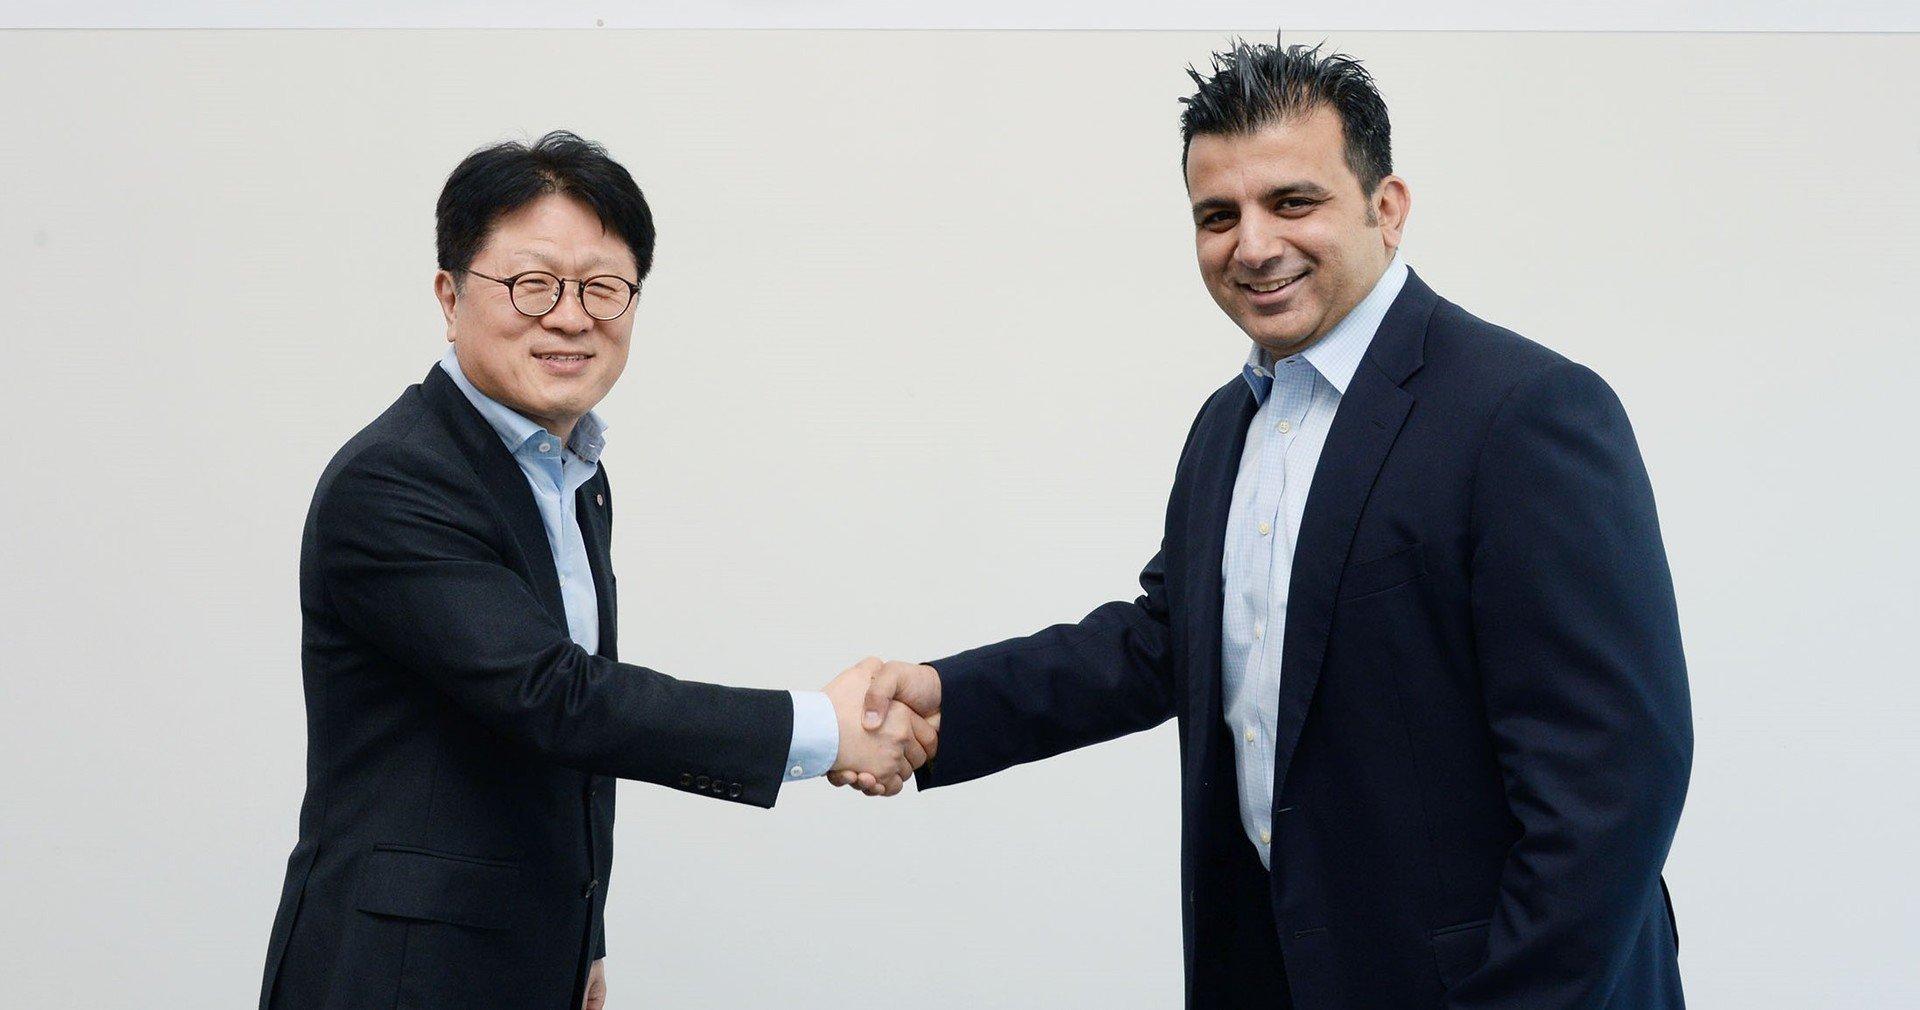 LG i QUALCOMM stworzą nową generację systemów łączności dla branży moto